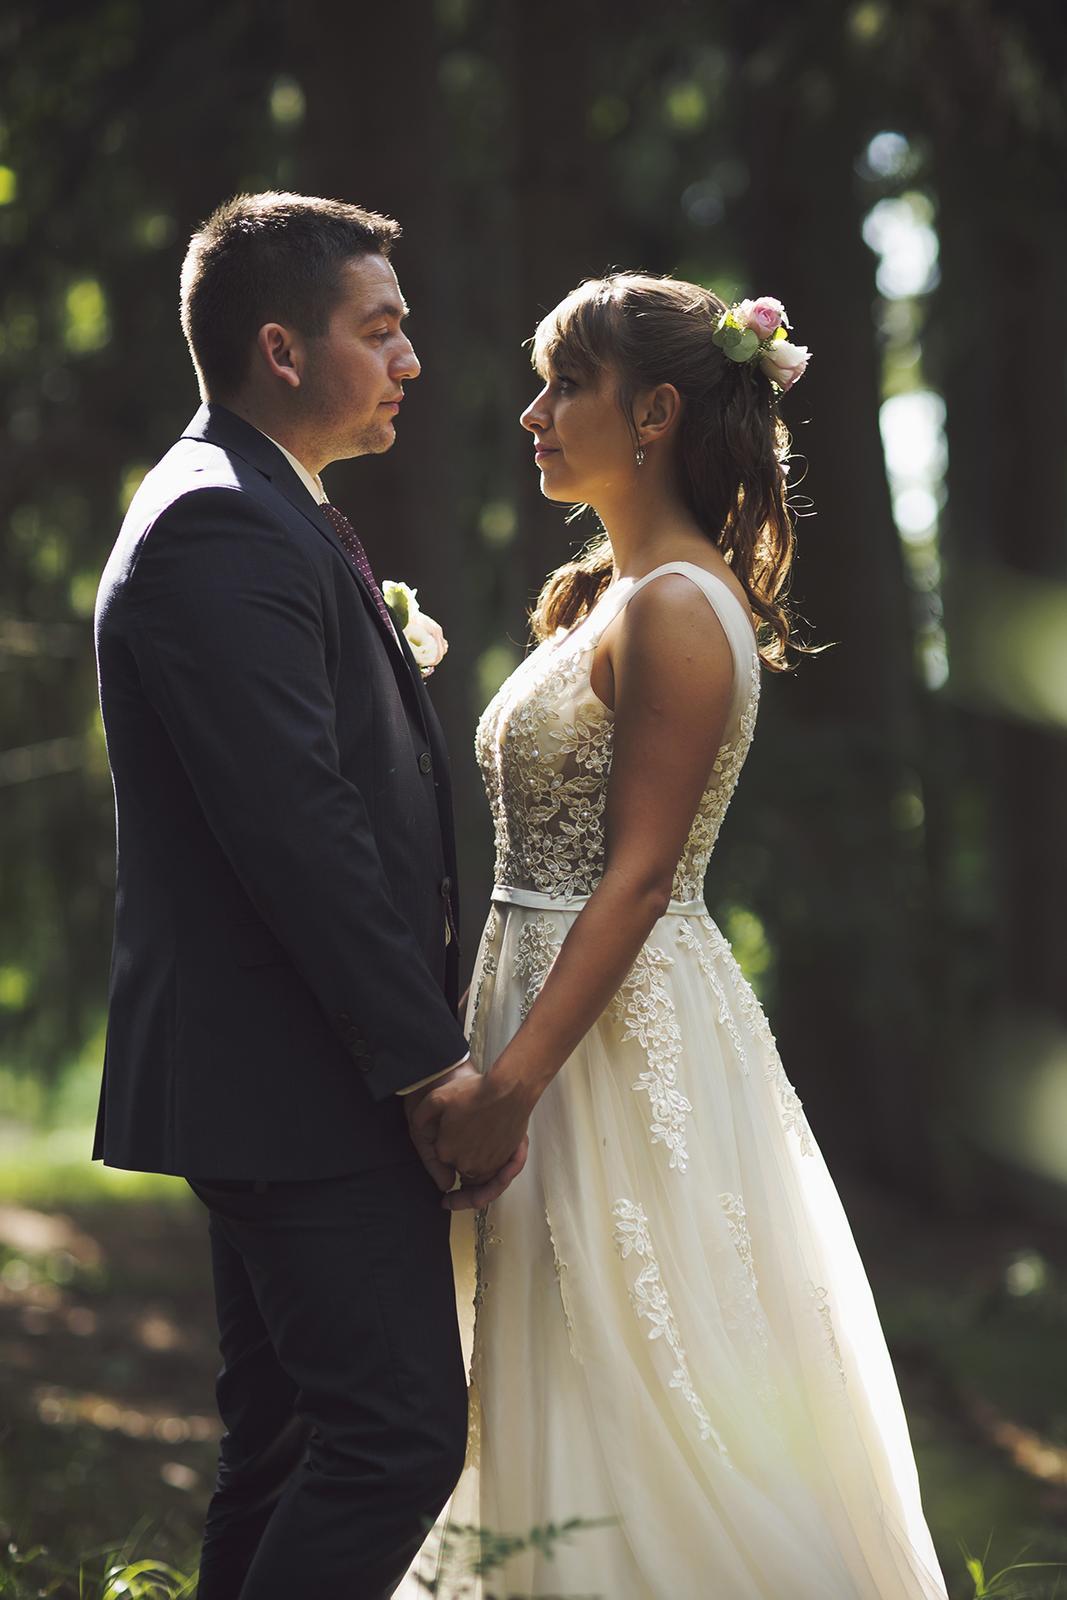 Svatba Krkonose - Obrázek č. 66